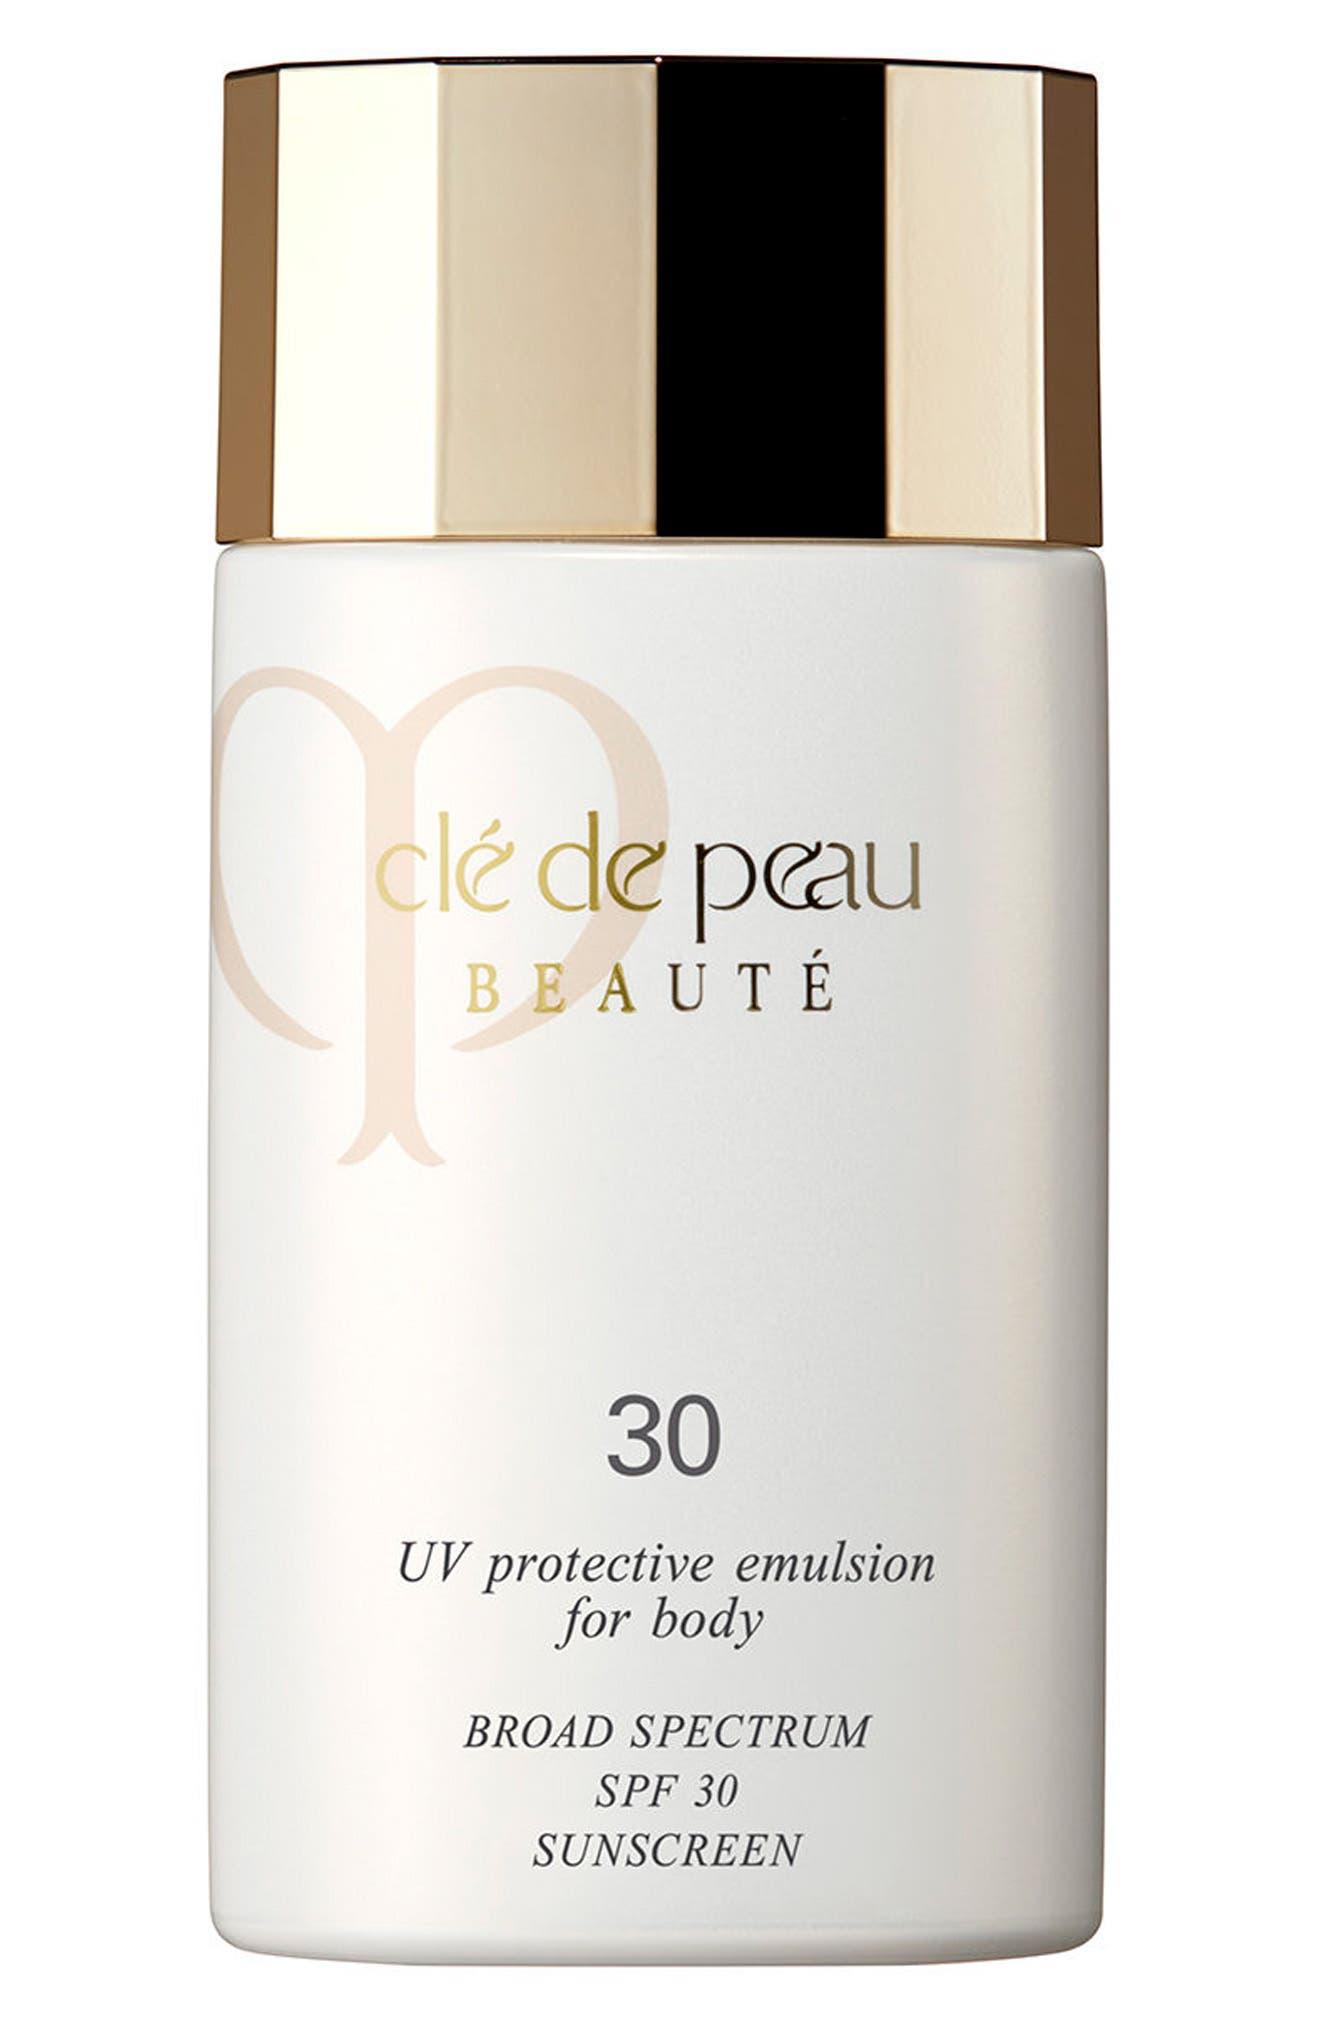 Clé de Peau Beauté UV Protective Emulsion for Body Broad Spectrum SPF 30